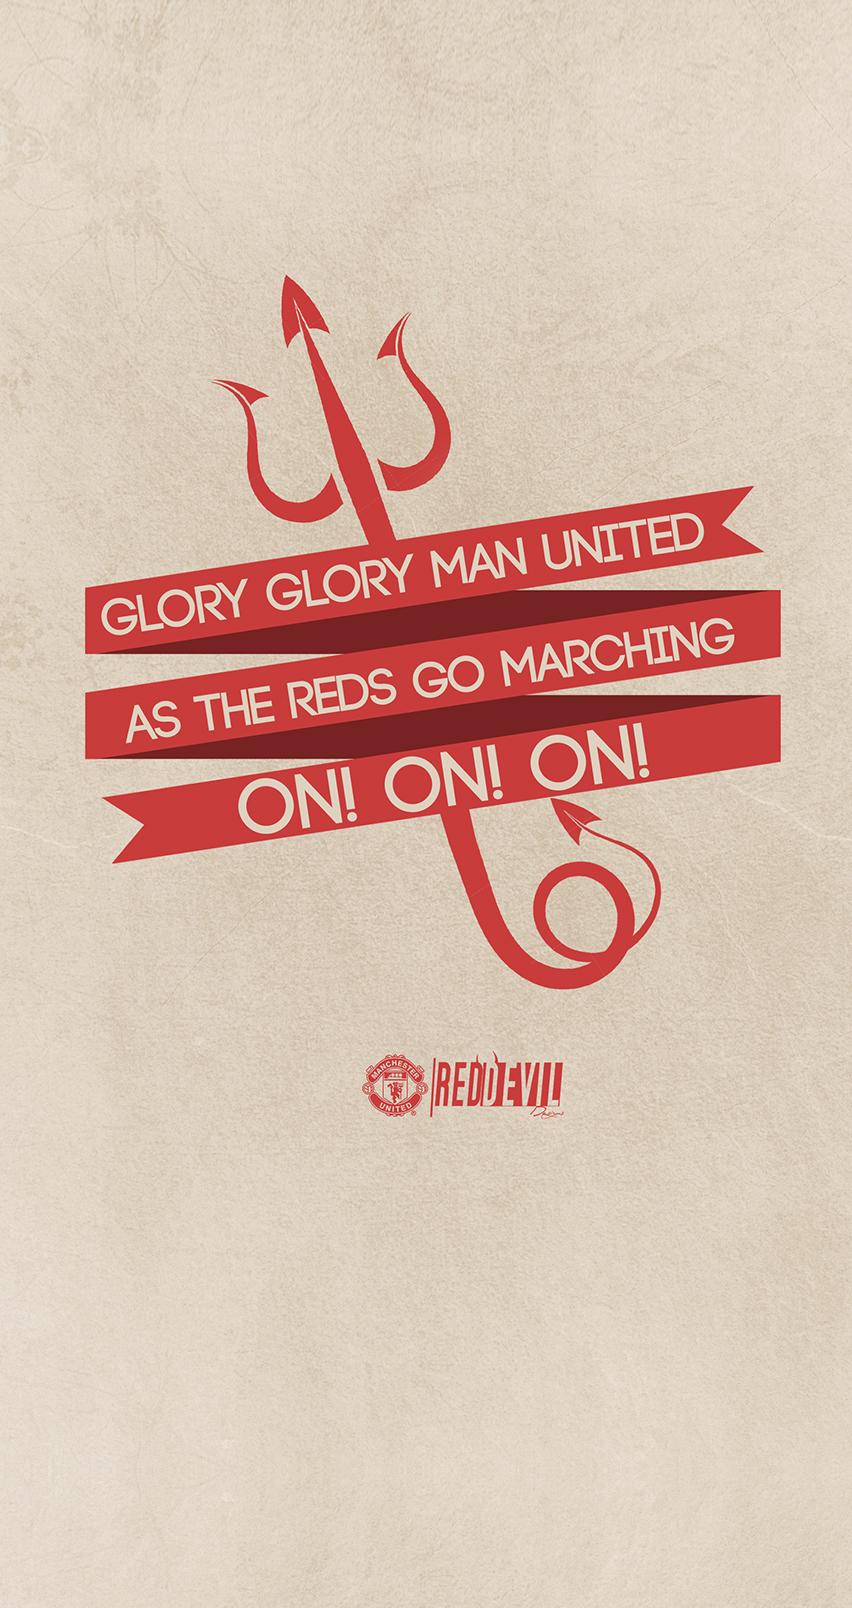 Adidas Man Utd Wallpaper